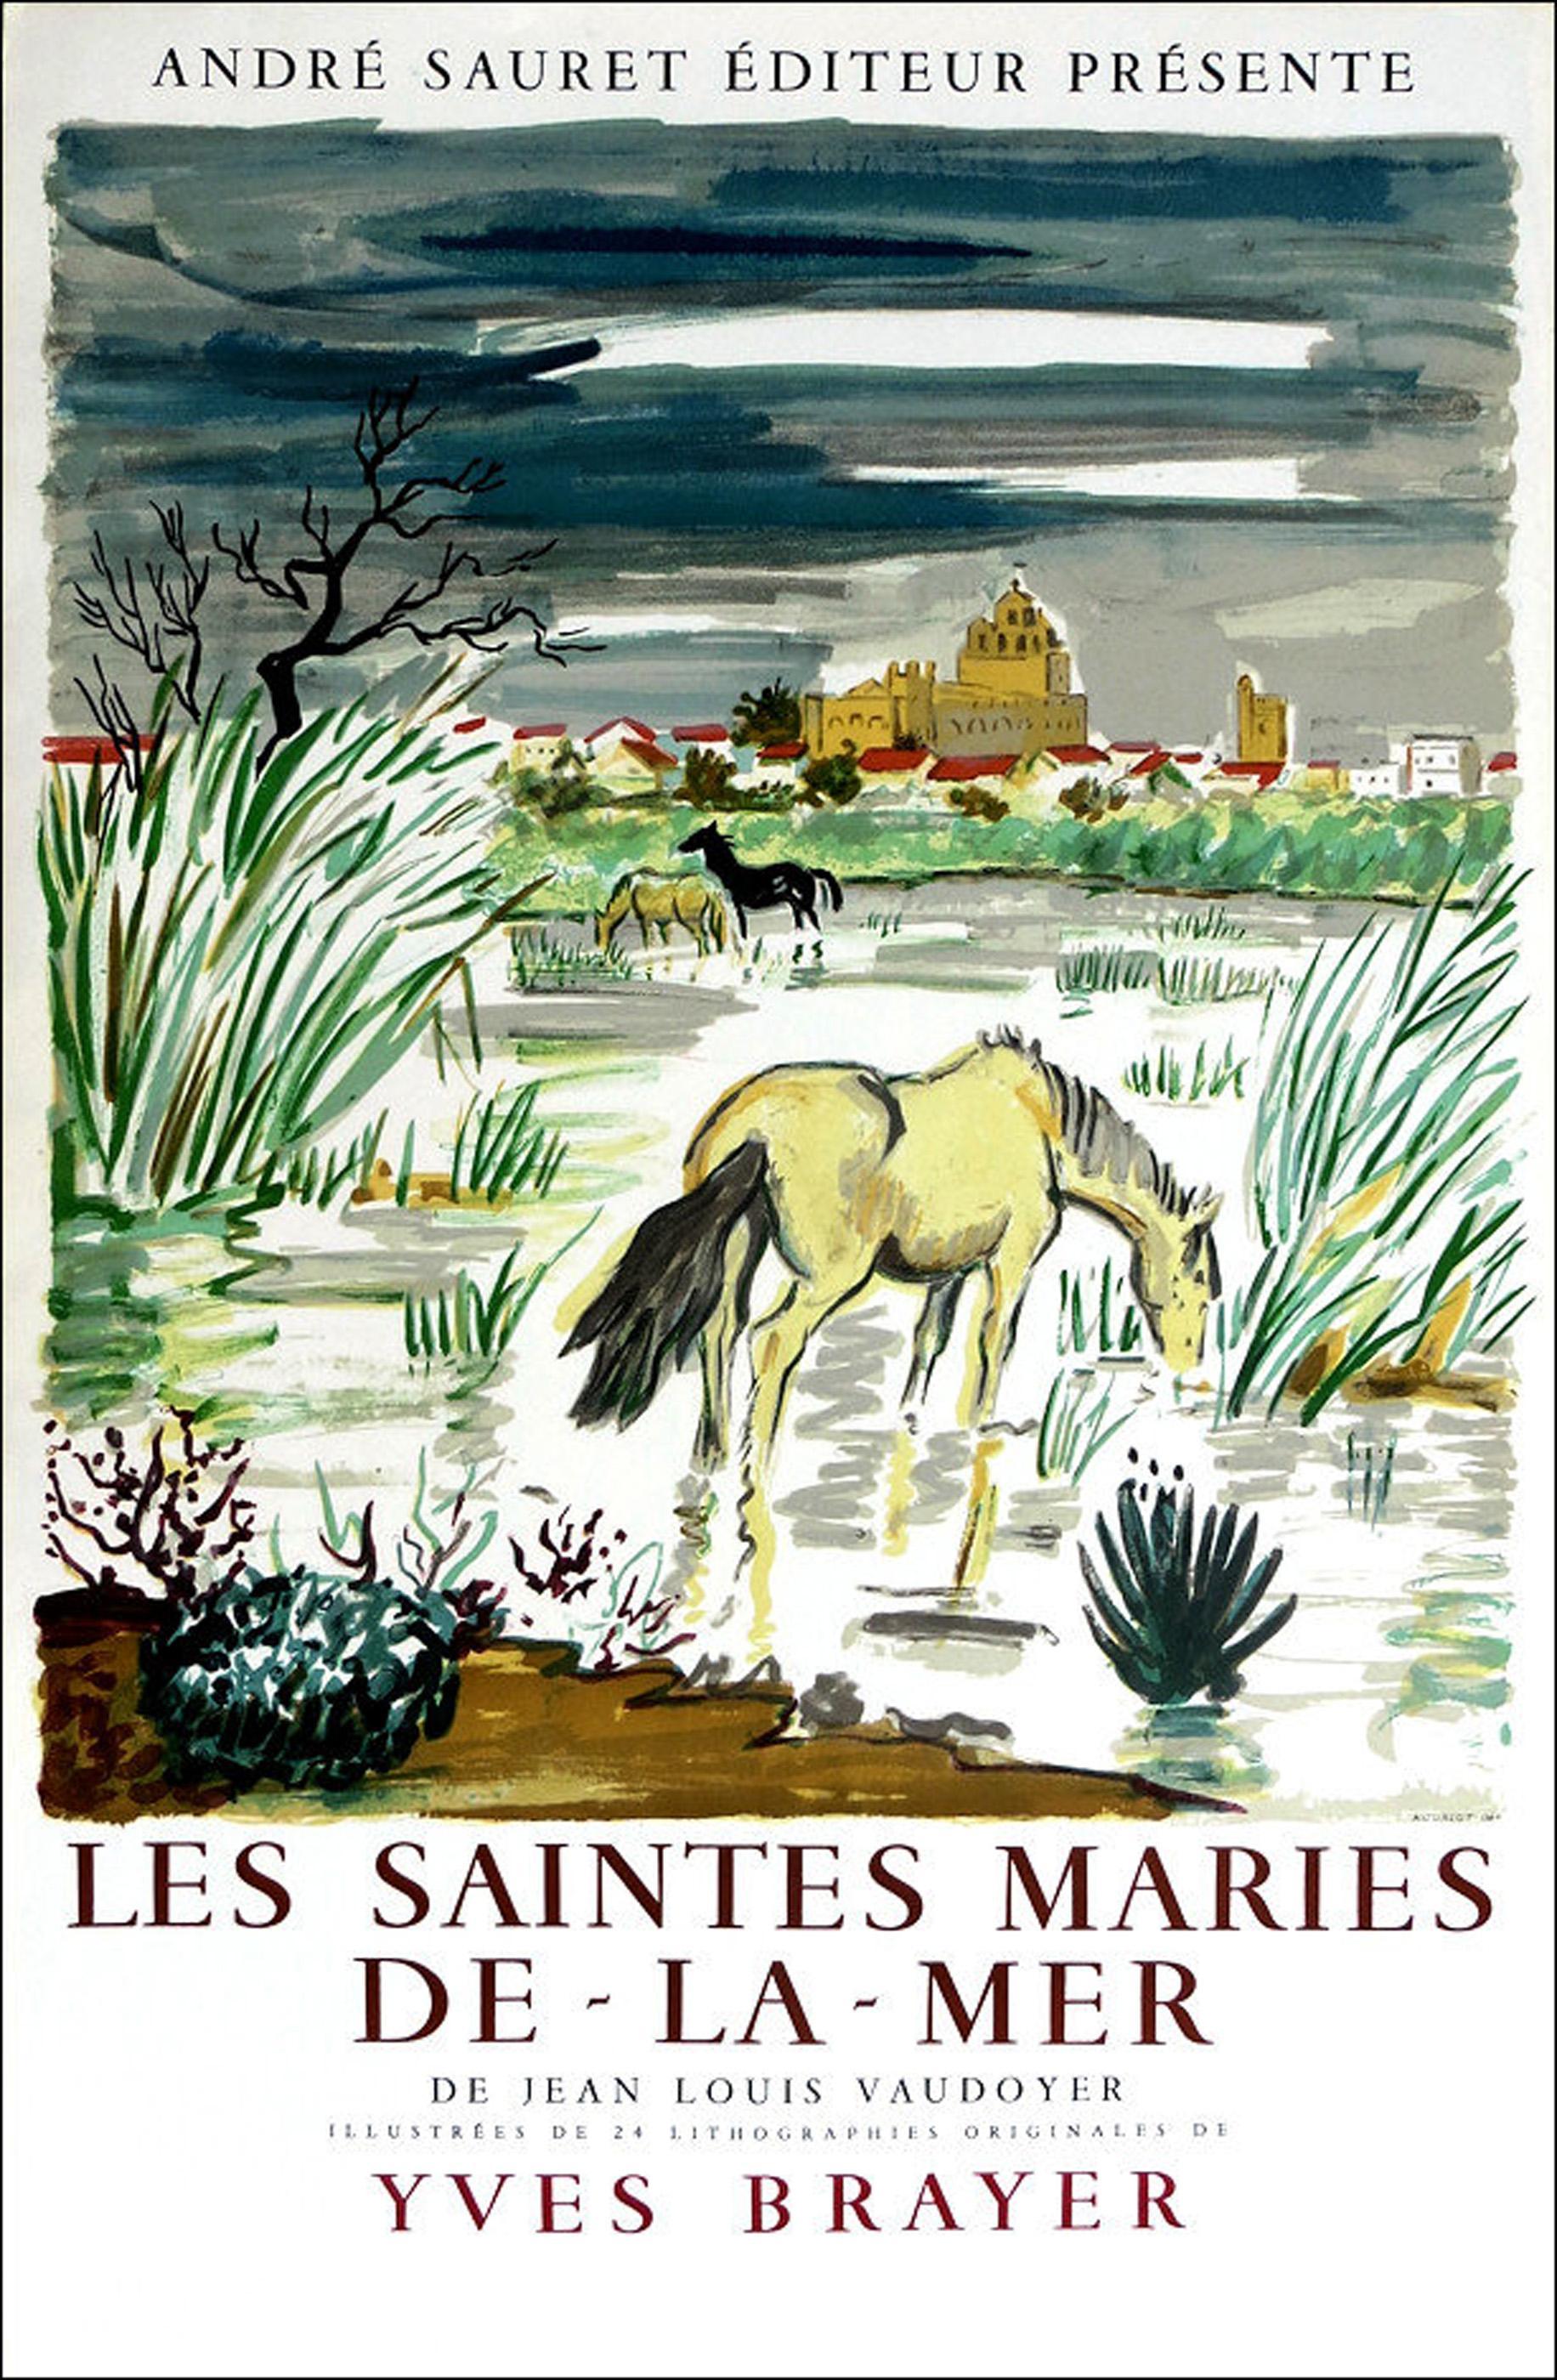 Yves Brayer, Les Saintes Maries de la Mer Exhibition, Lithograph Poster